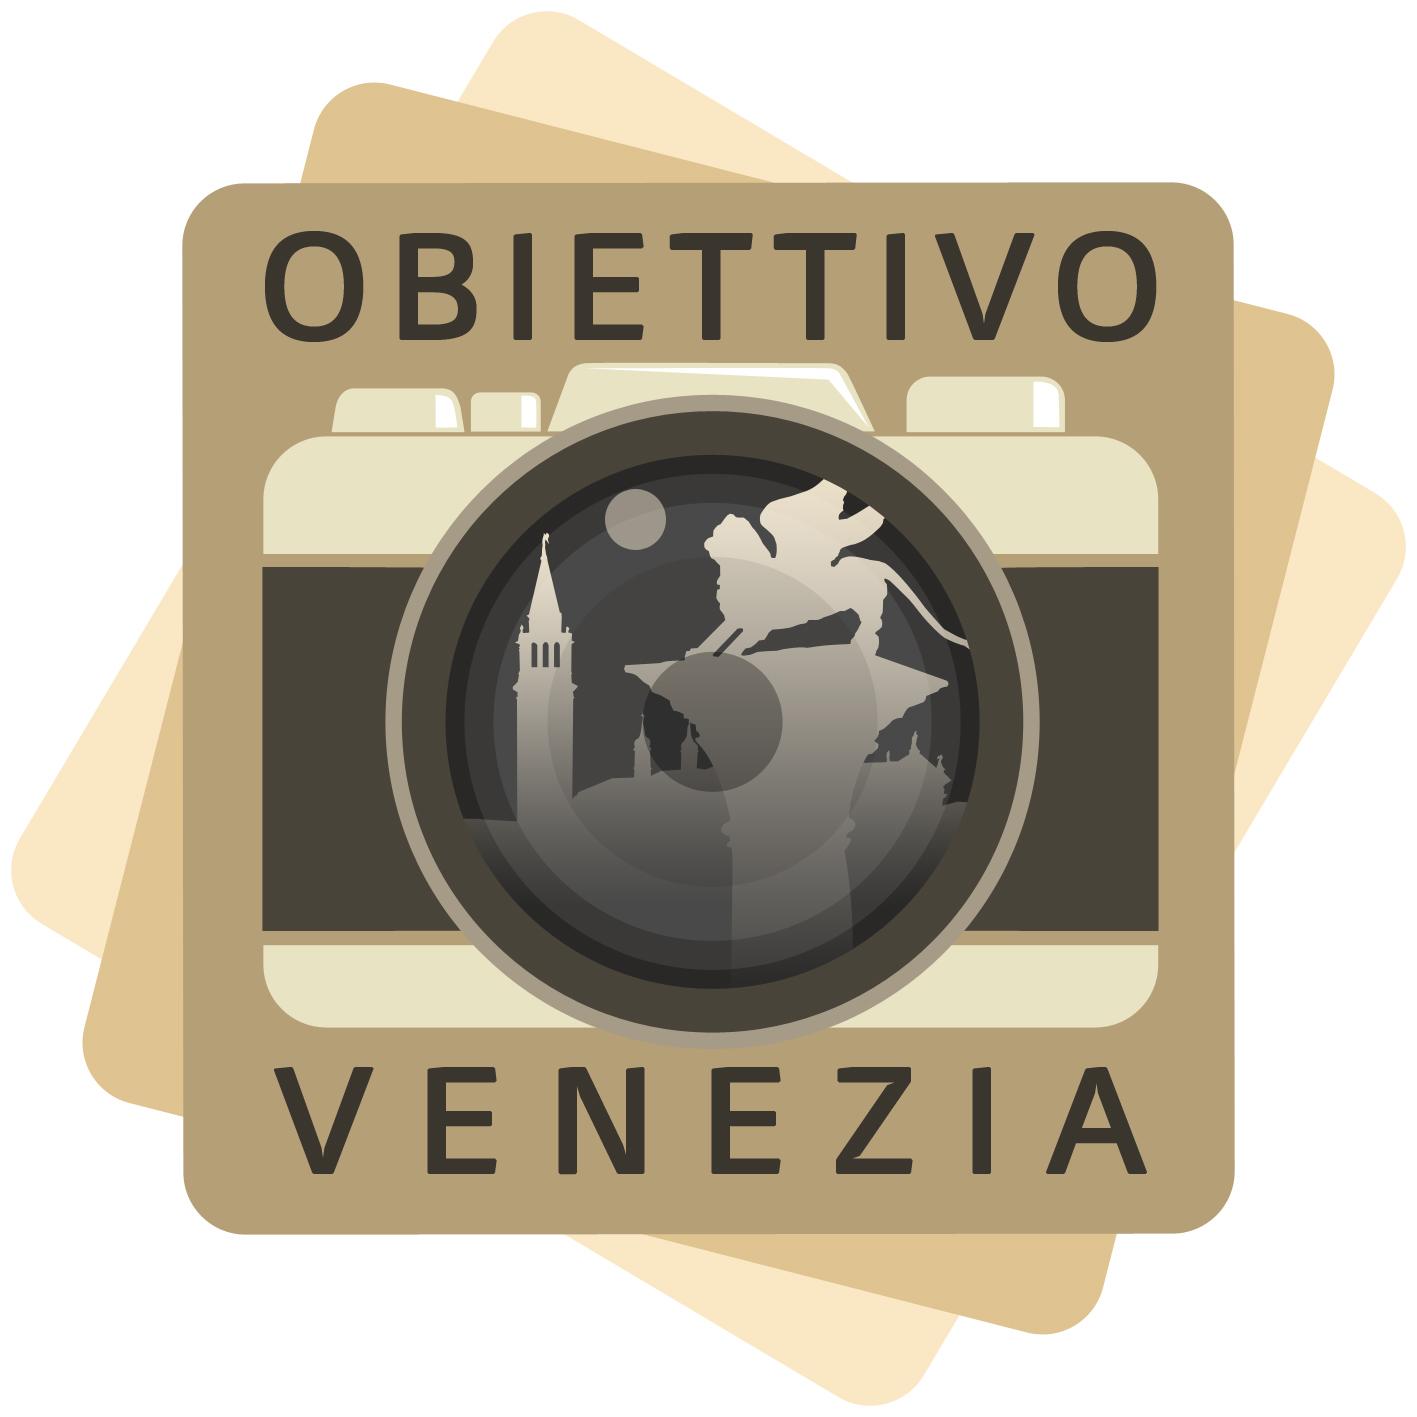 Obiettivo Venezia – Focus on Venice